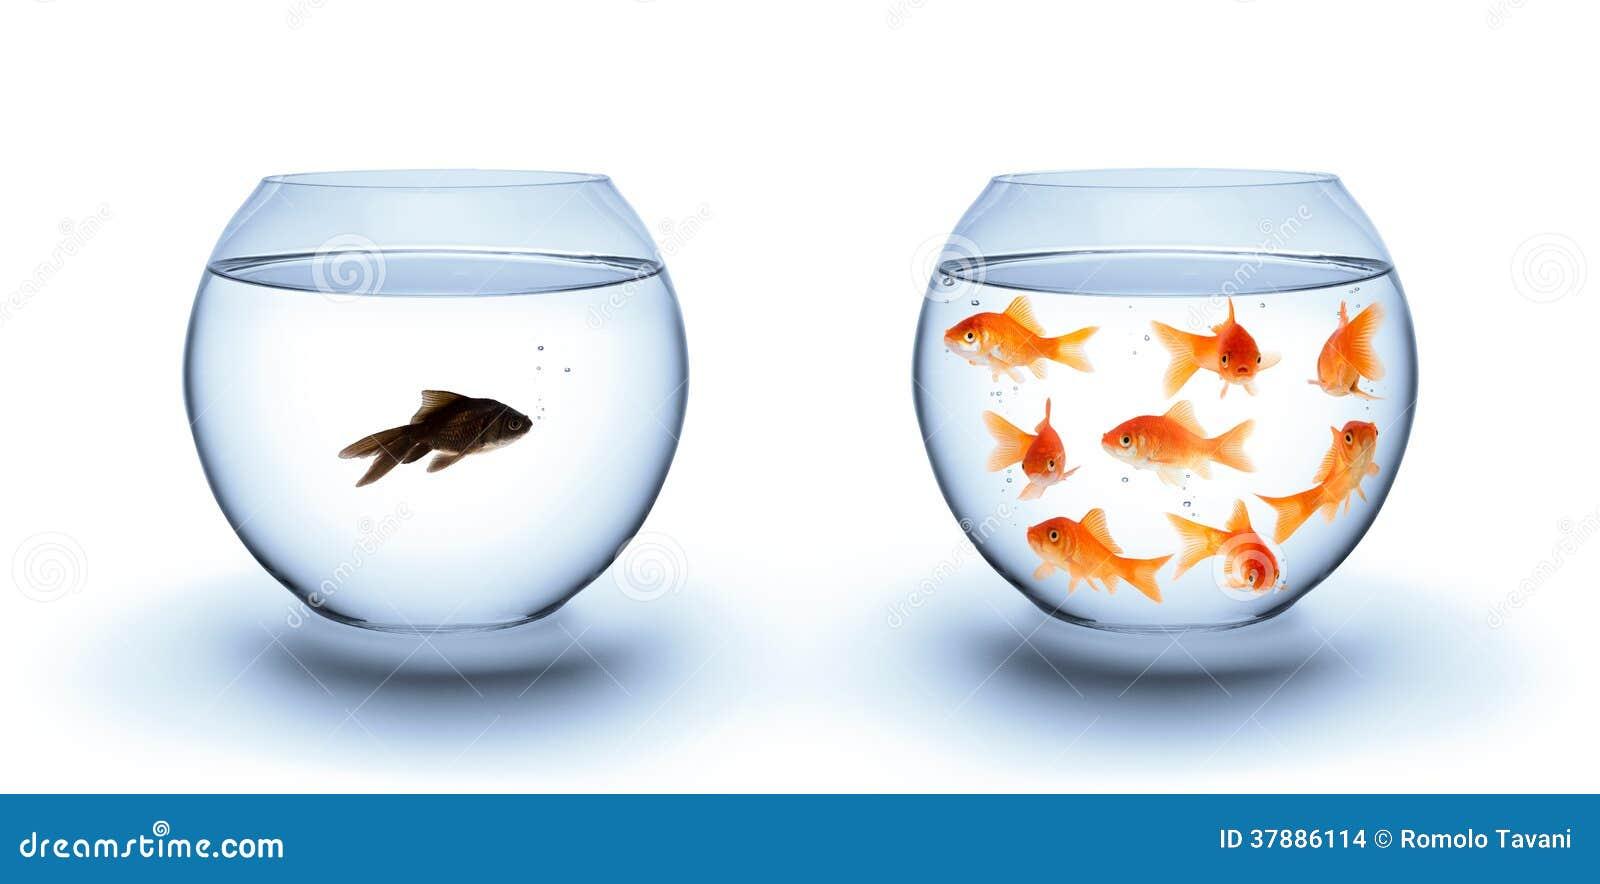 Удите в уединении - концепция, расизм и изоляция разнообразия